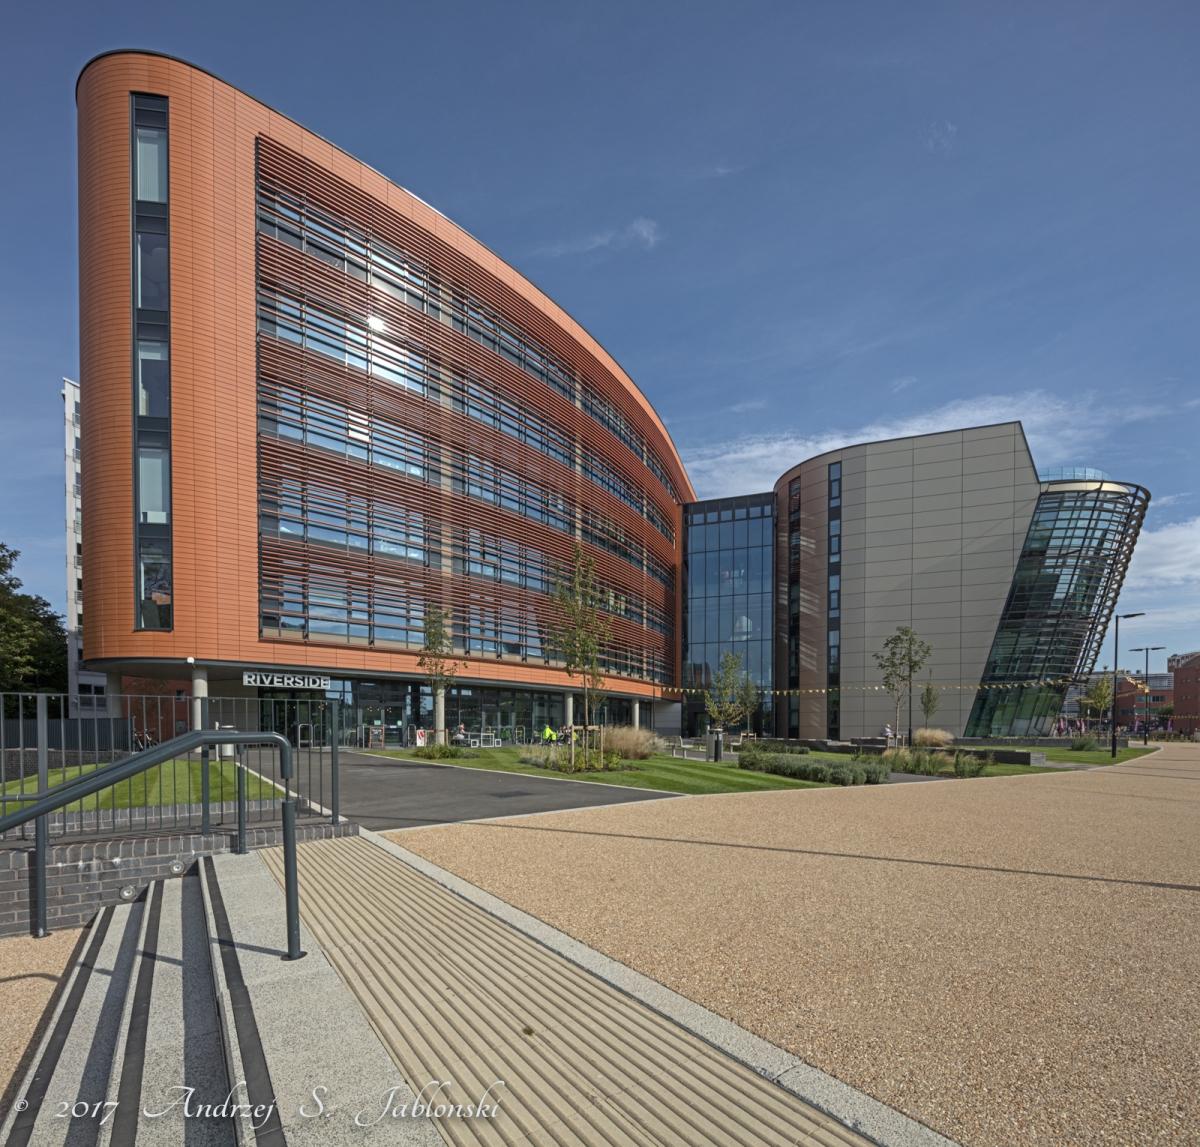 De-Montfort University